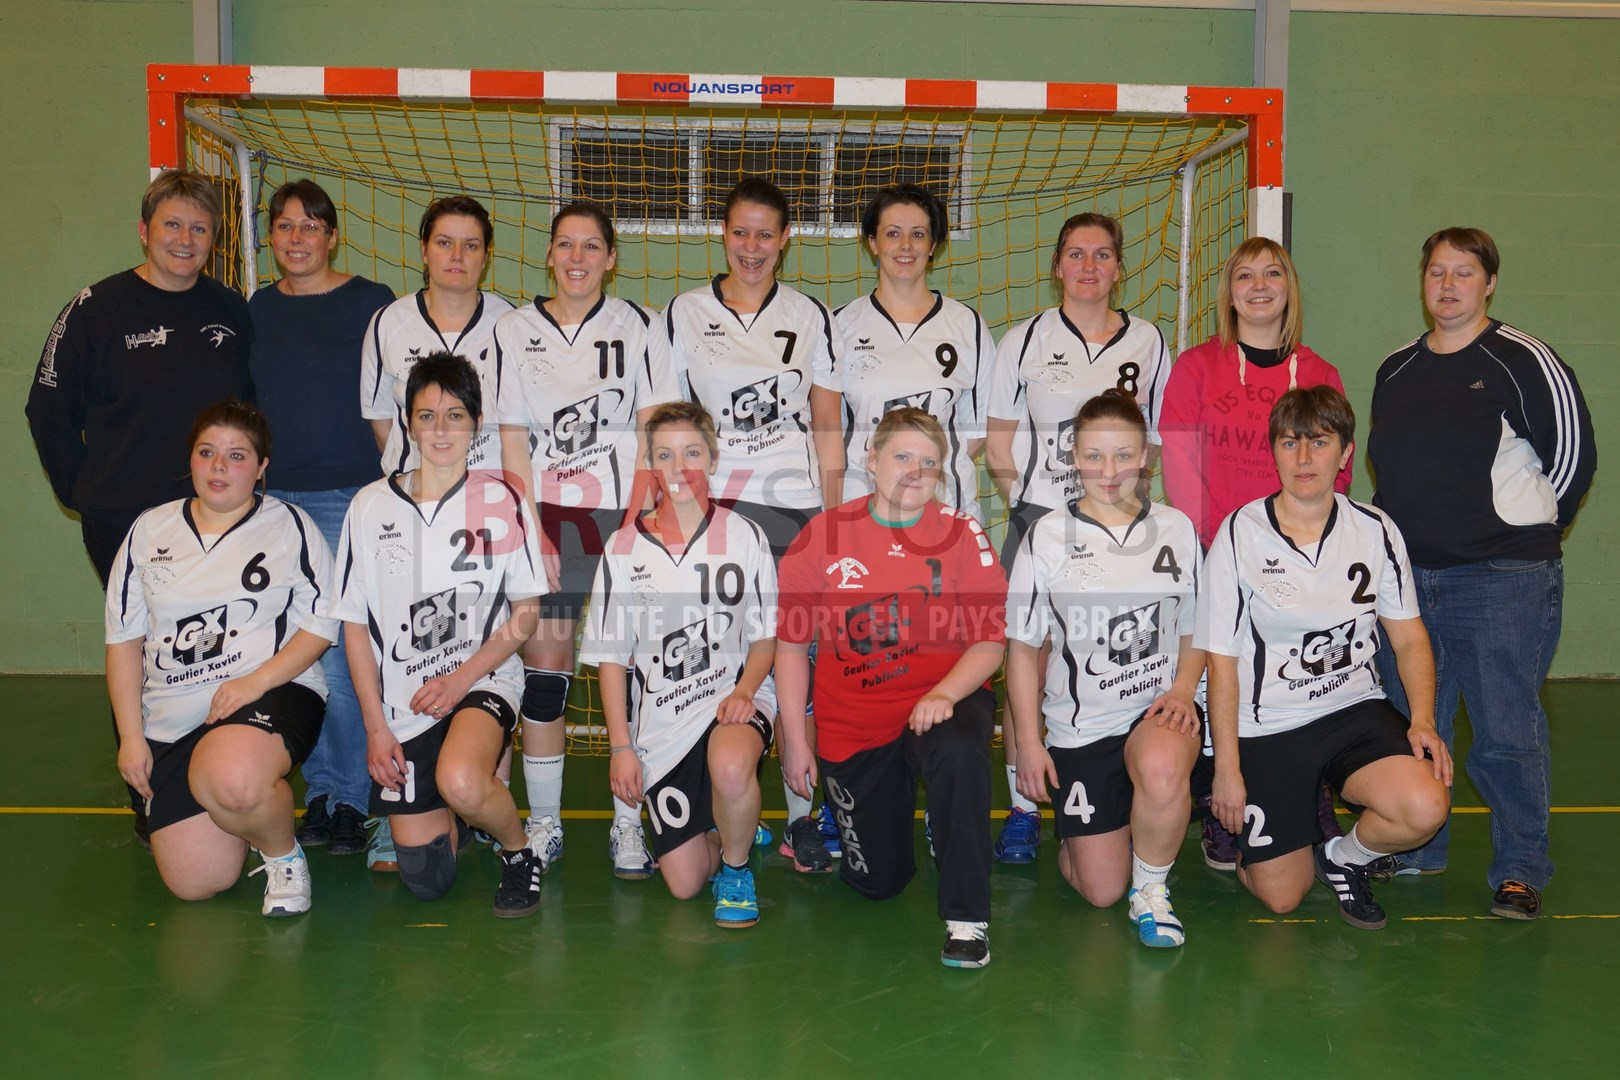 HBCF Coupe France 11 janvier 2014 (1) (Copier)